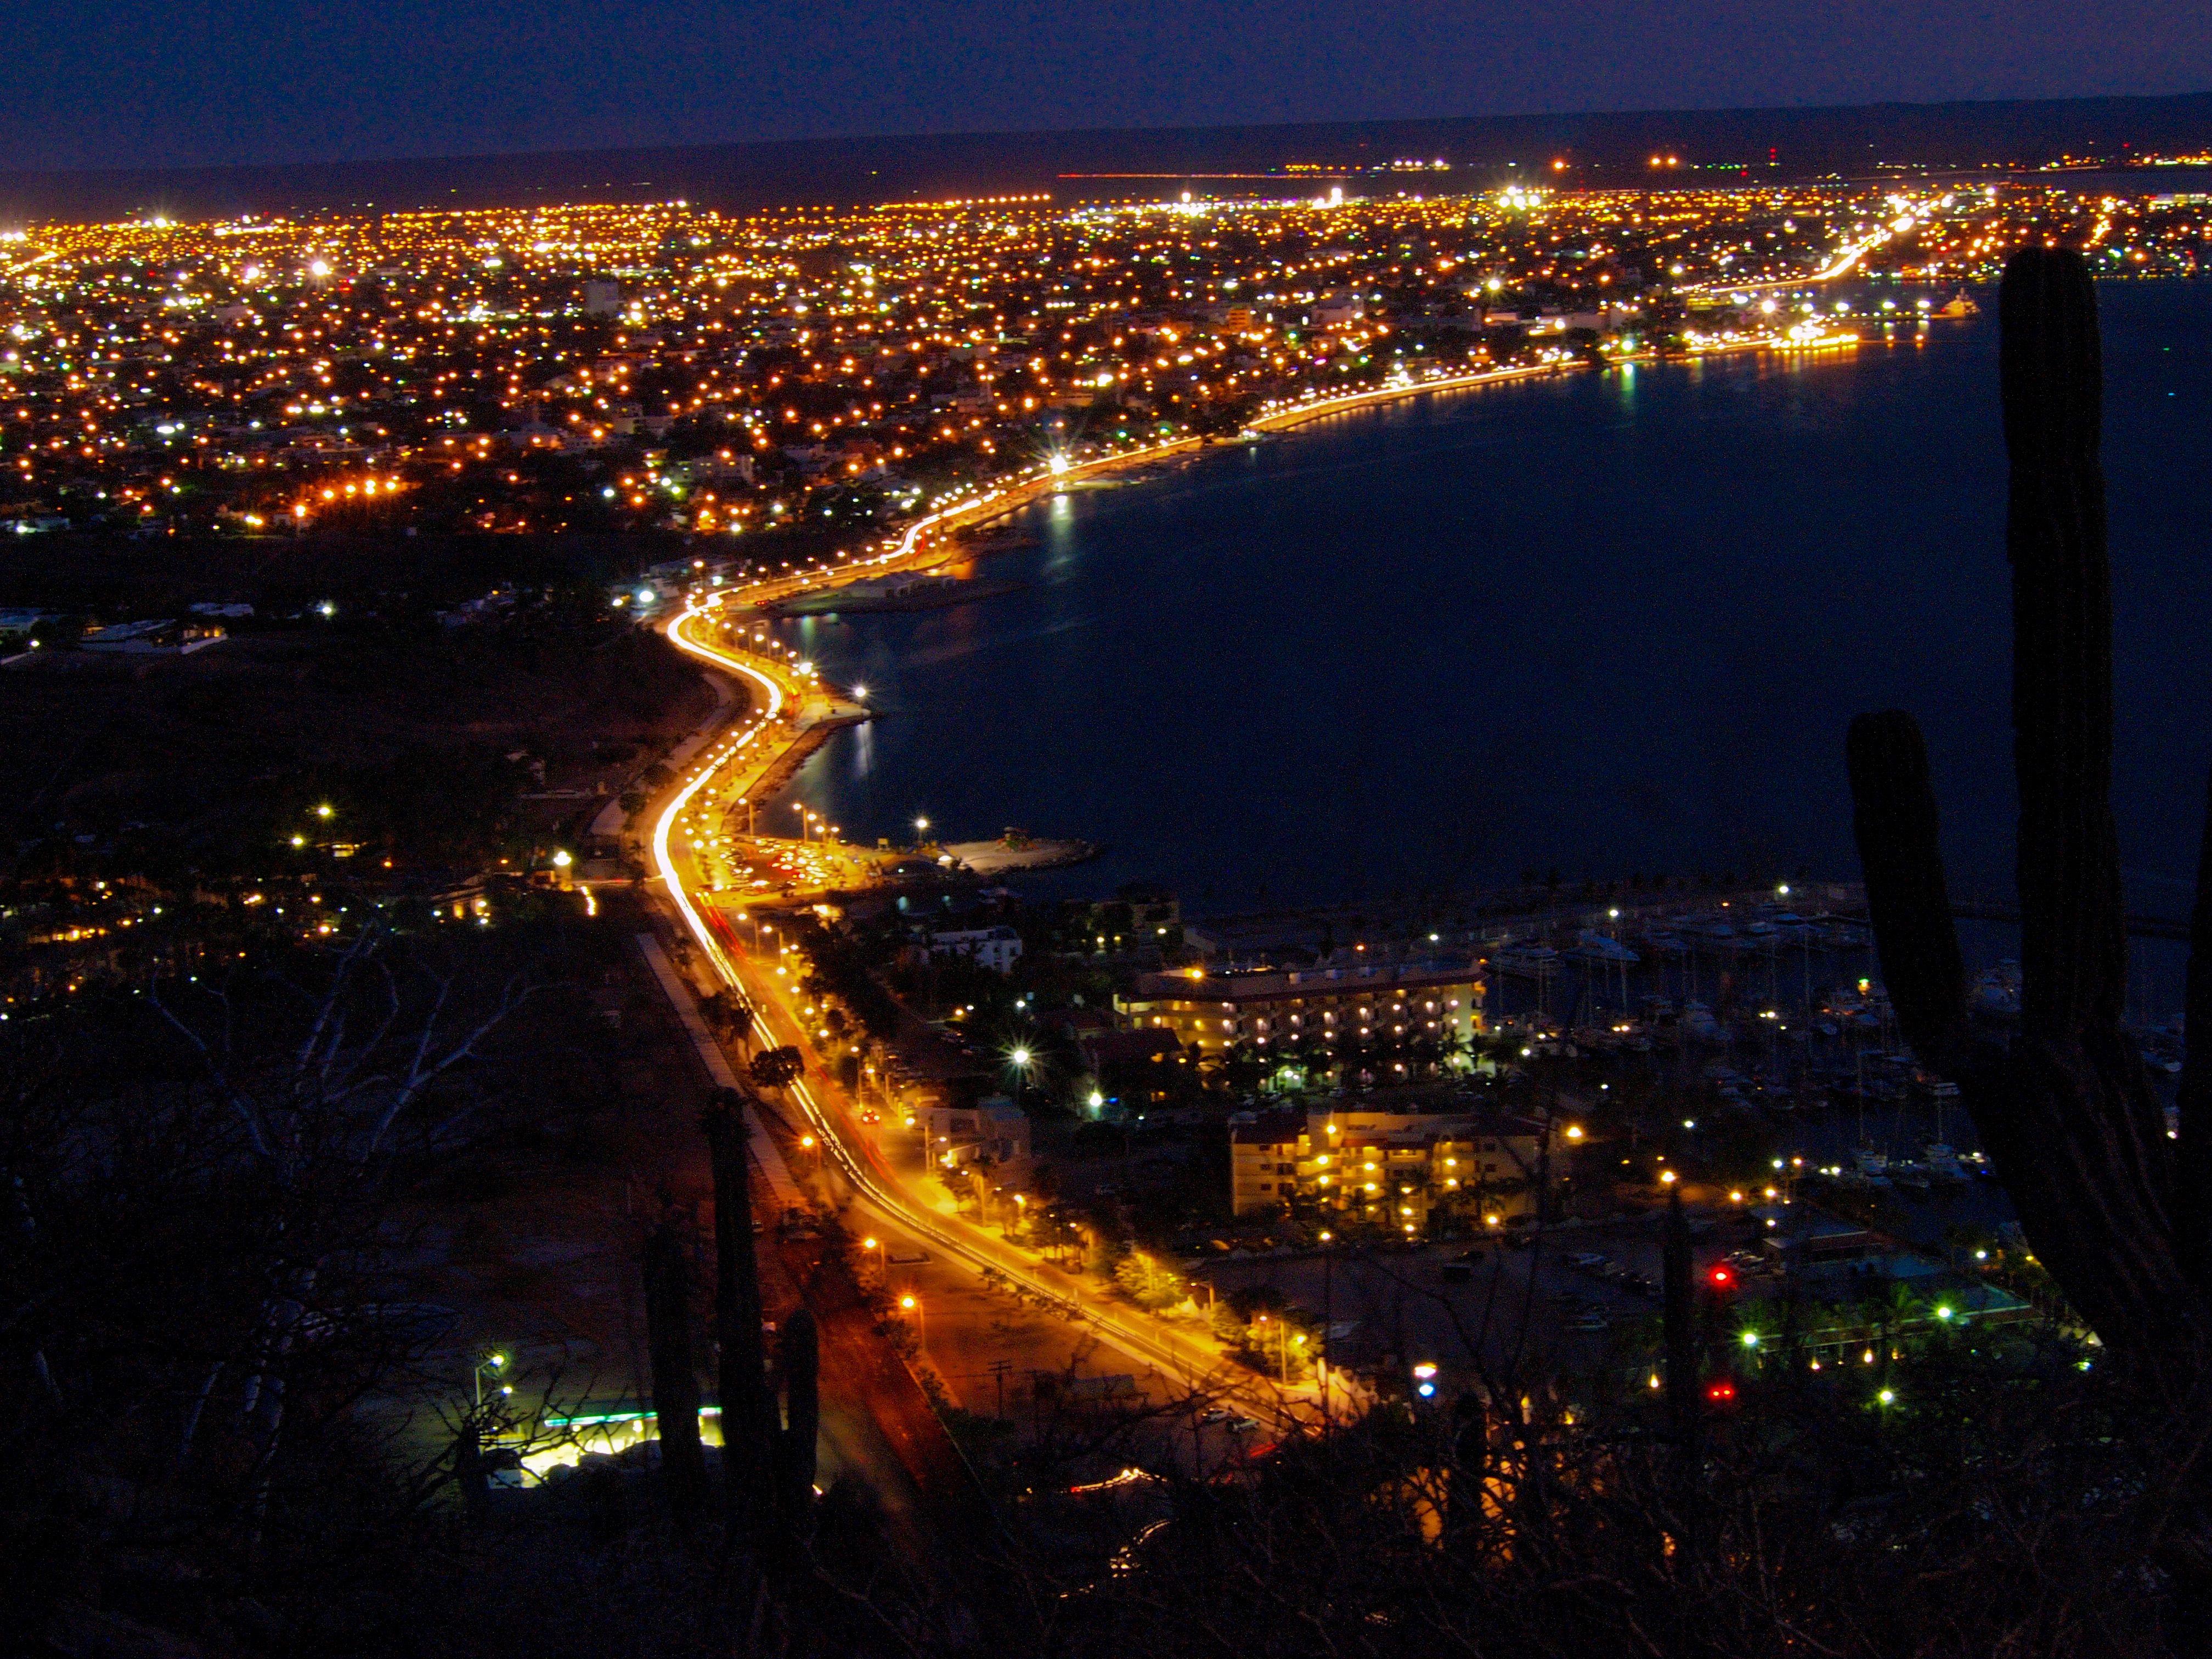 Malecón de Noche (desde el cerro de la calavera)